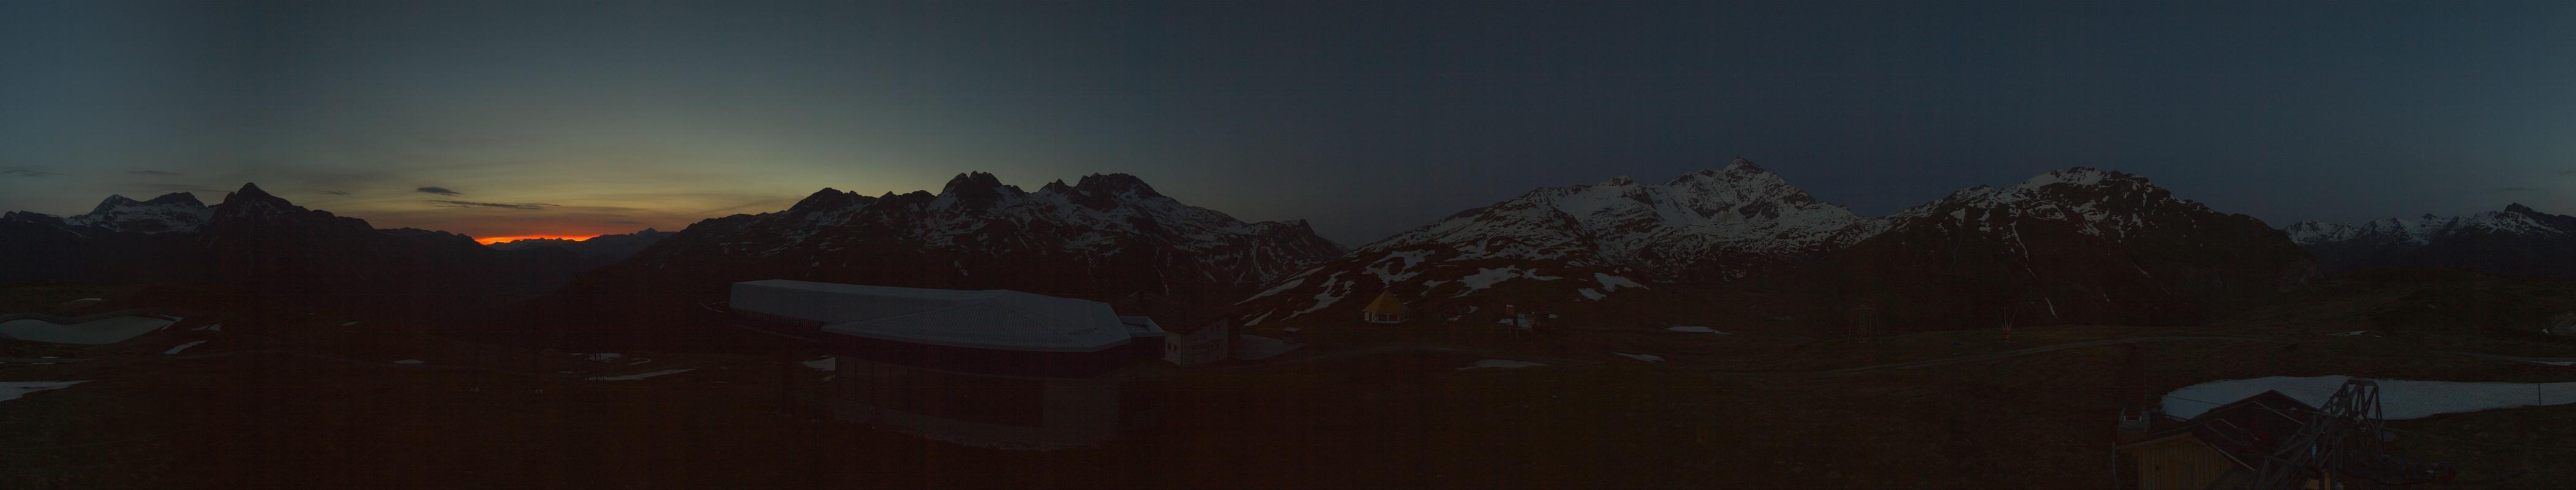 26h ago - 05:08